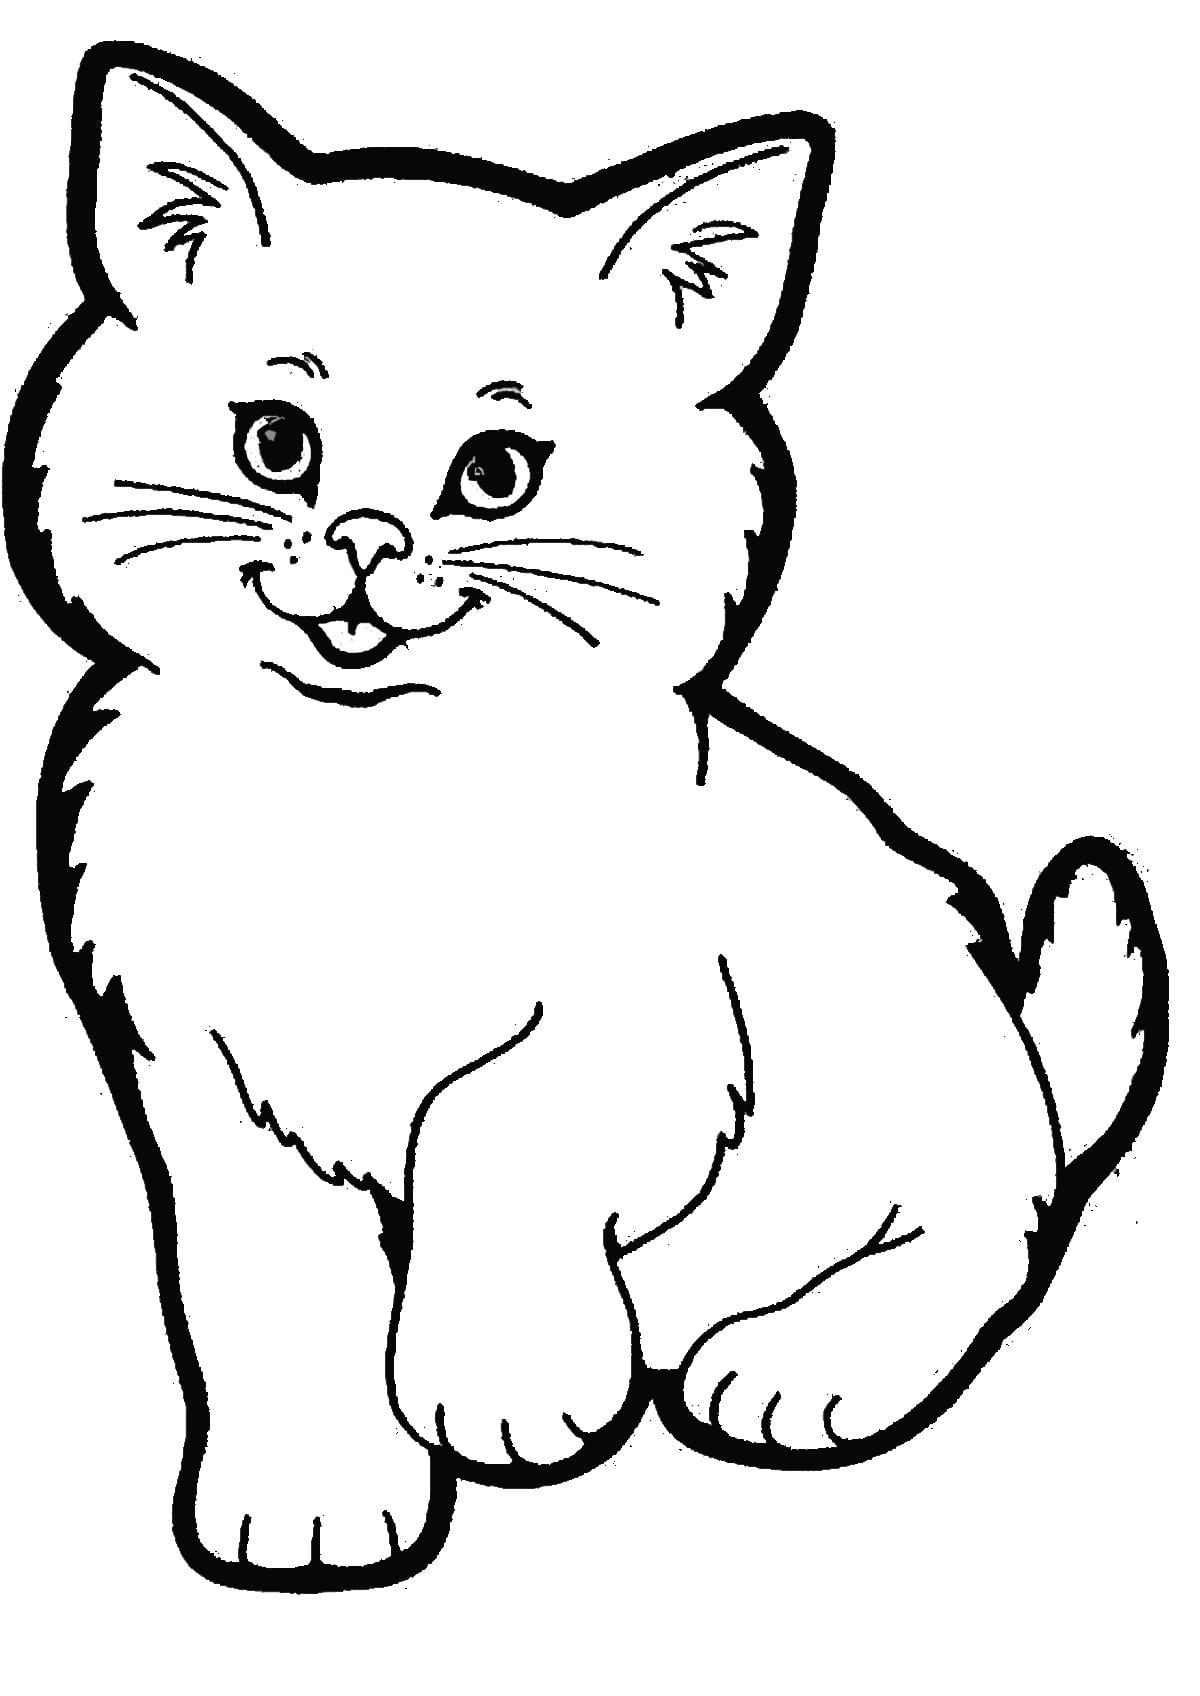 Immagine Di Un Gatto Da Colorare